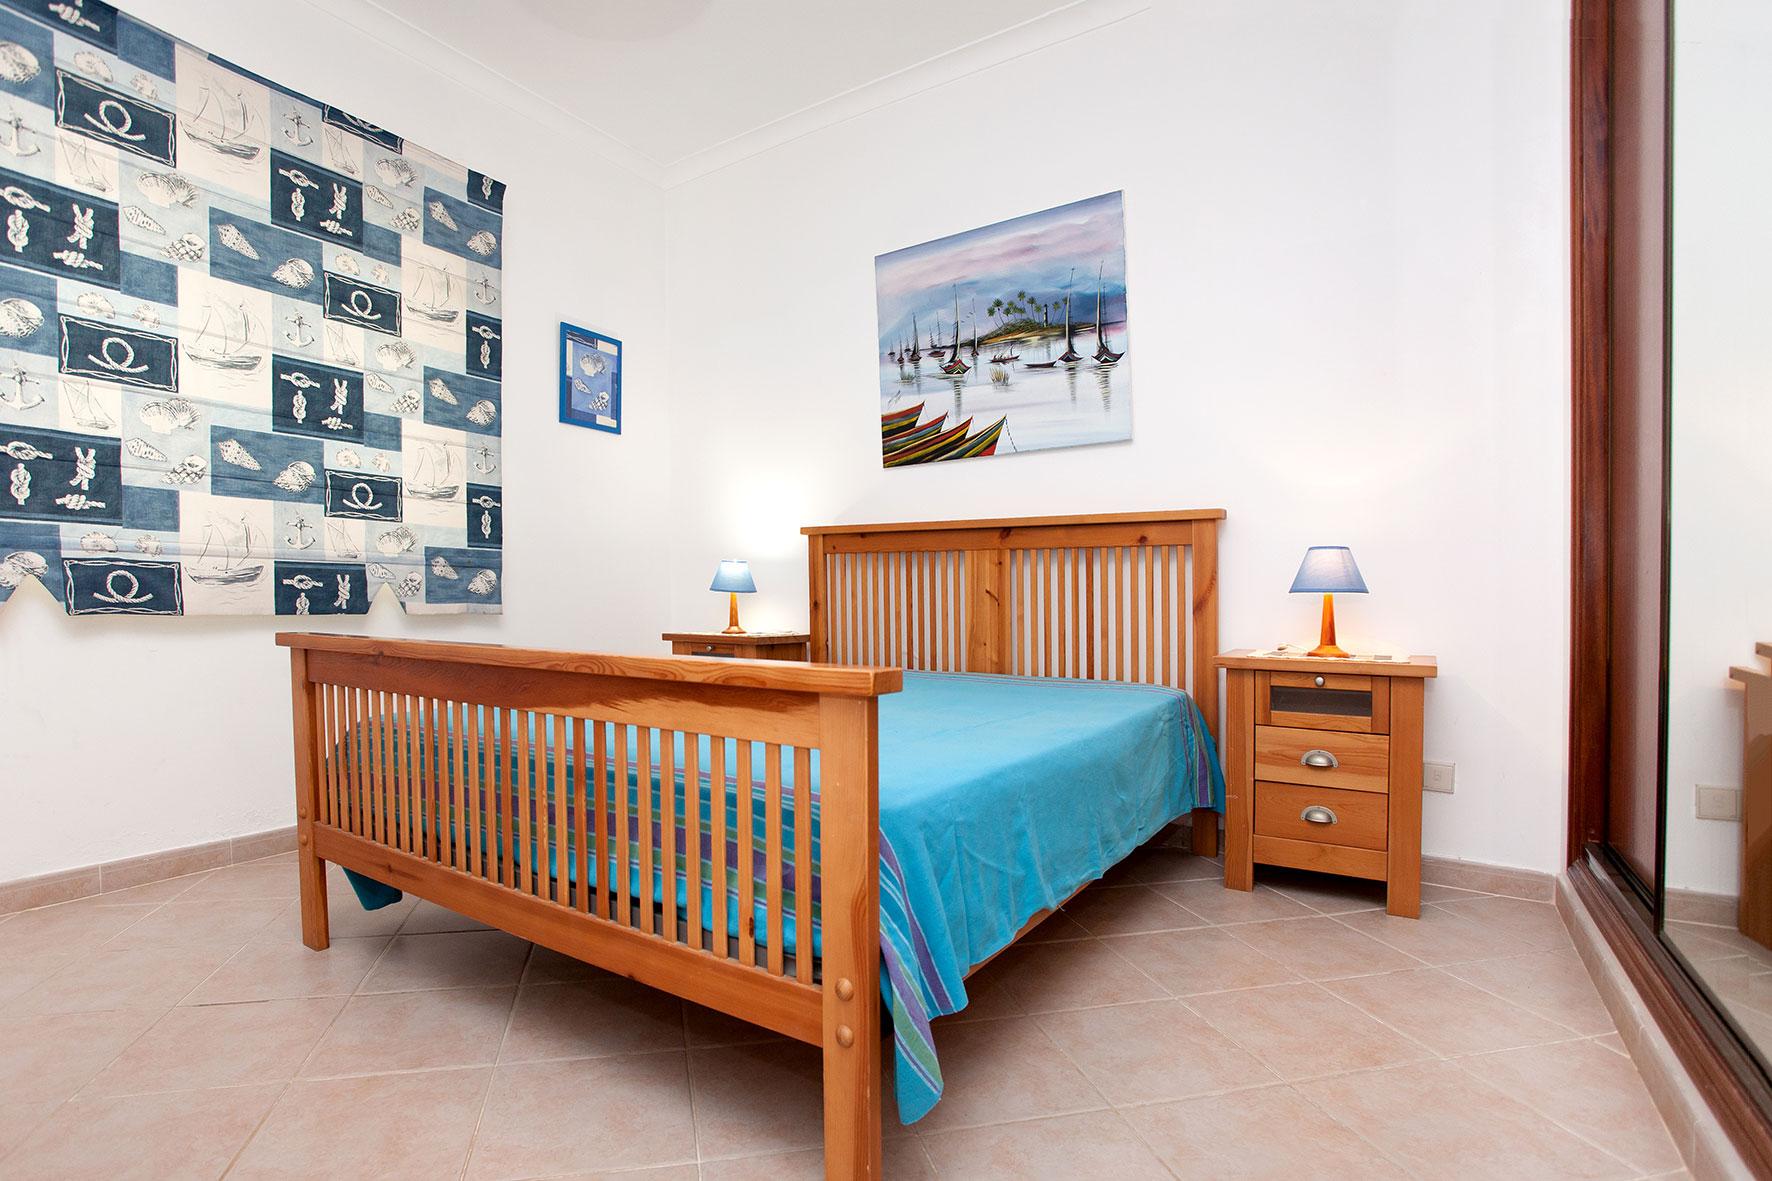 Holiday apartments and villas for rent, Apartamento T2 em Condomínio Com Piscina na Praia da Galé em Albufeira in Albufeira, Portugal Algarve, REF_IMG_6121_12083